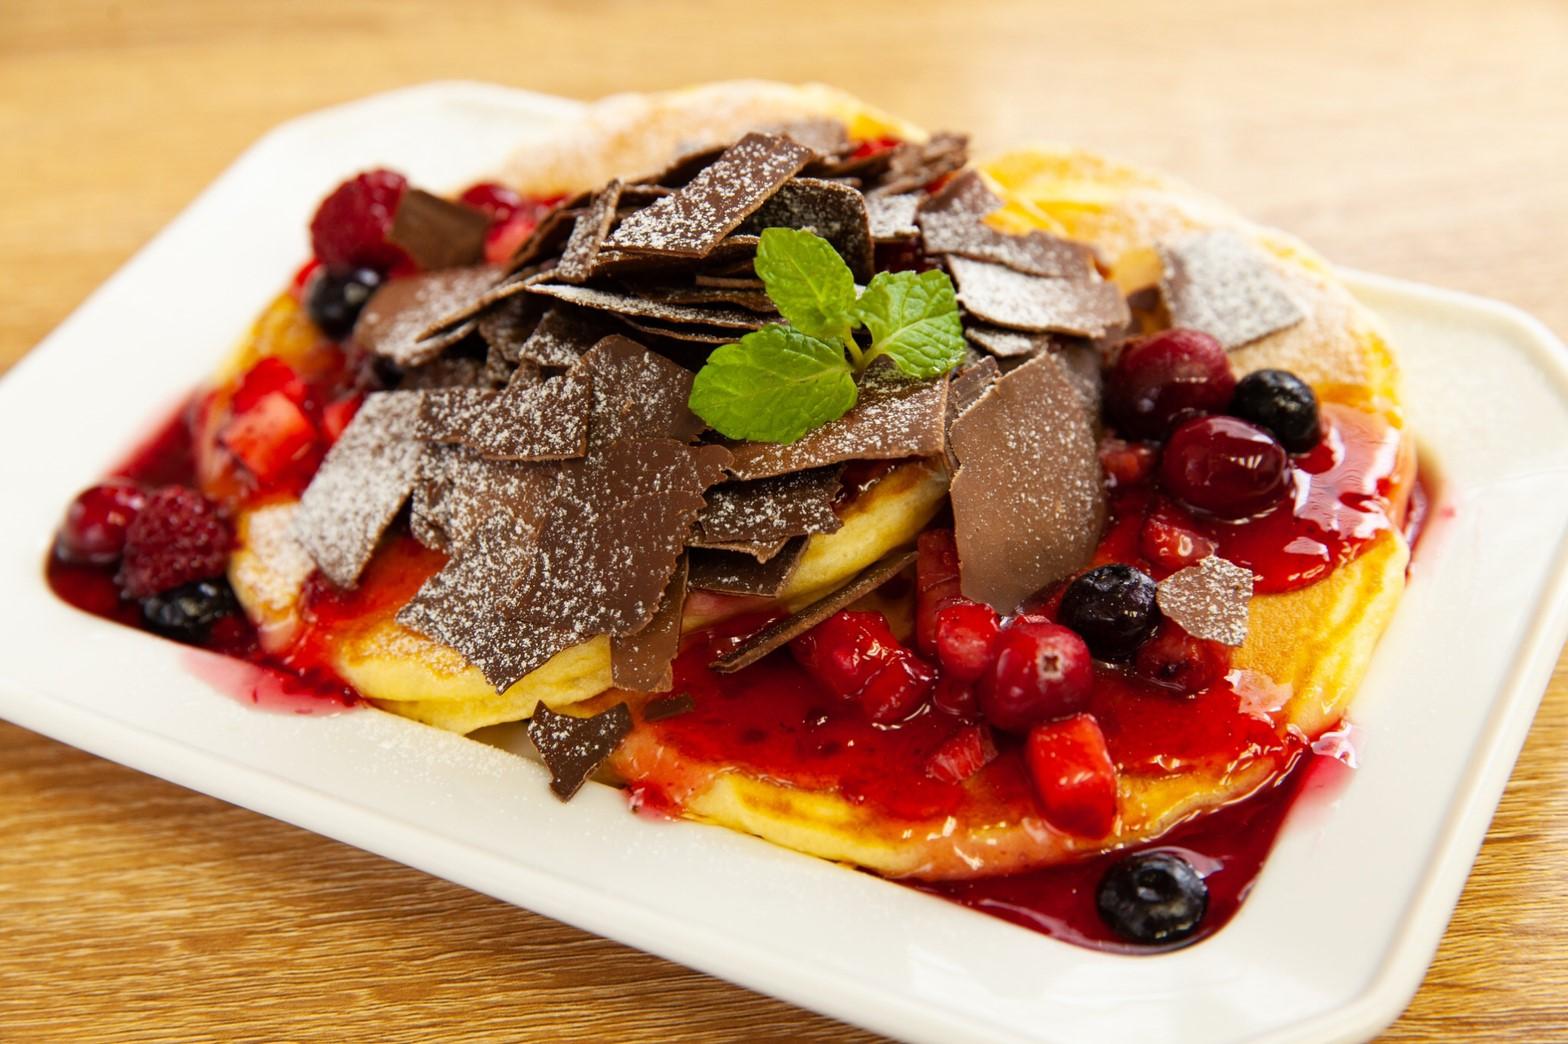 パリパリチョコベリーパンケーキ